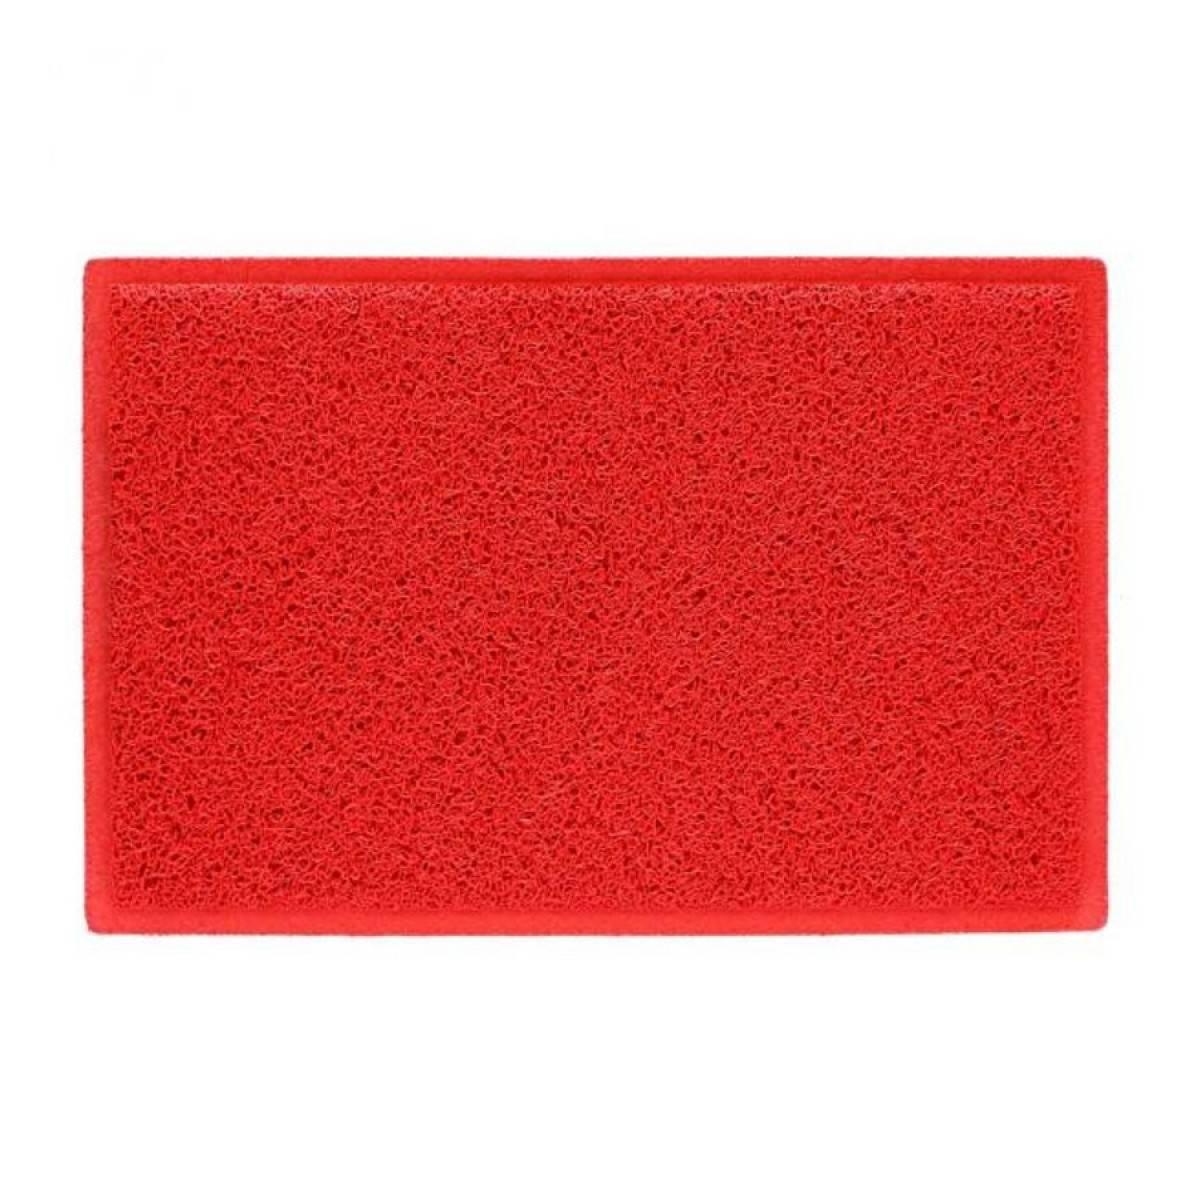 Tapete Capacho Vinil 60x40.cm Vermelho - Casa Sul Materiais e Acabamento